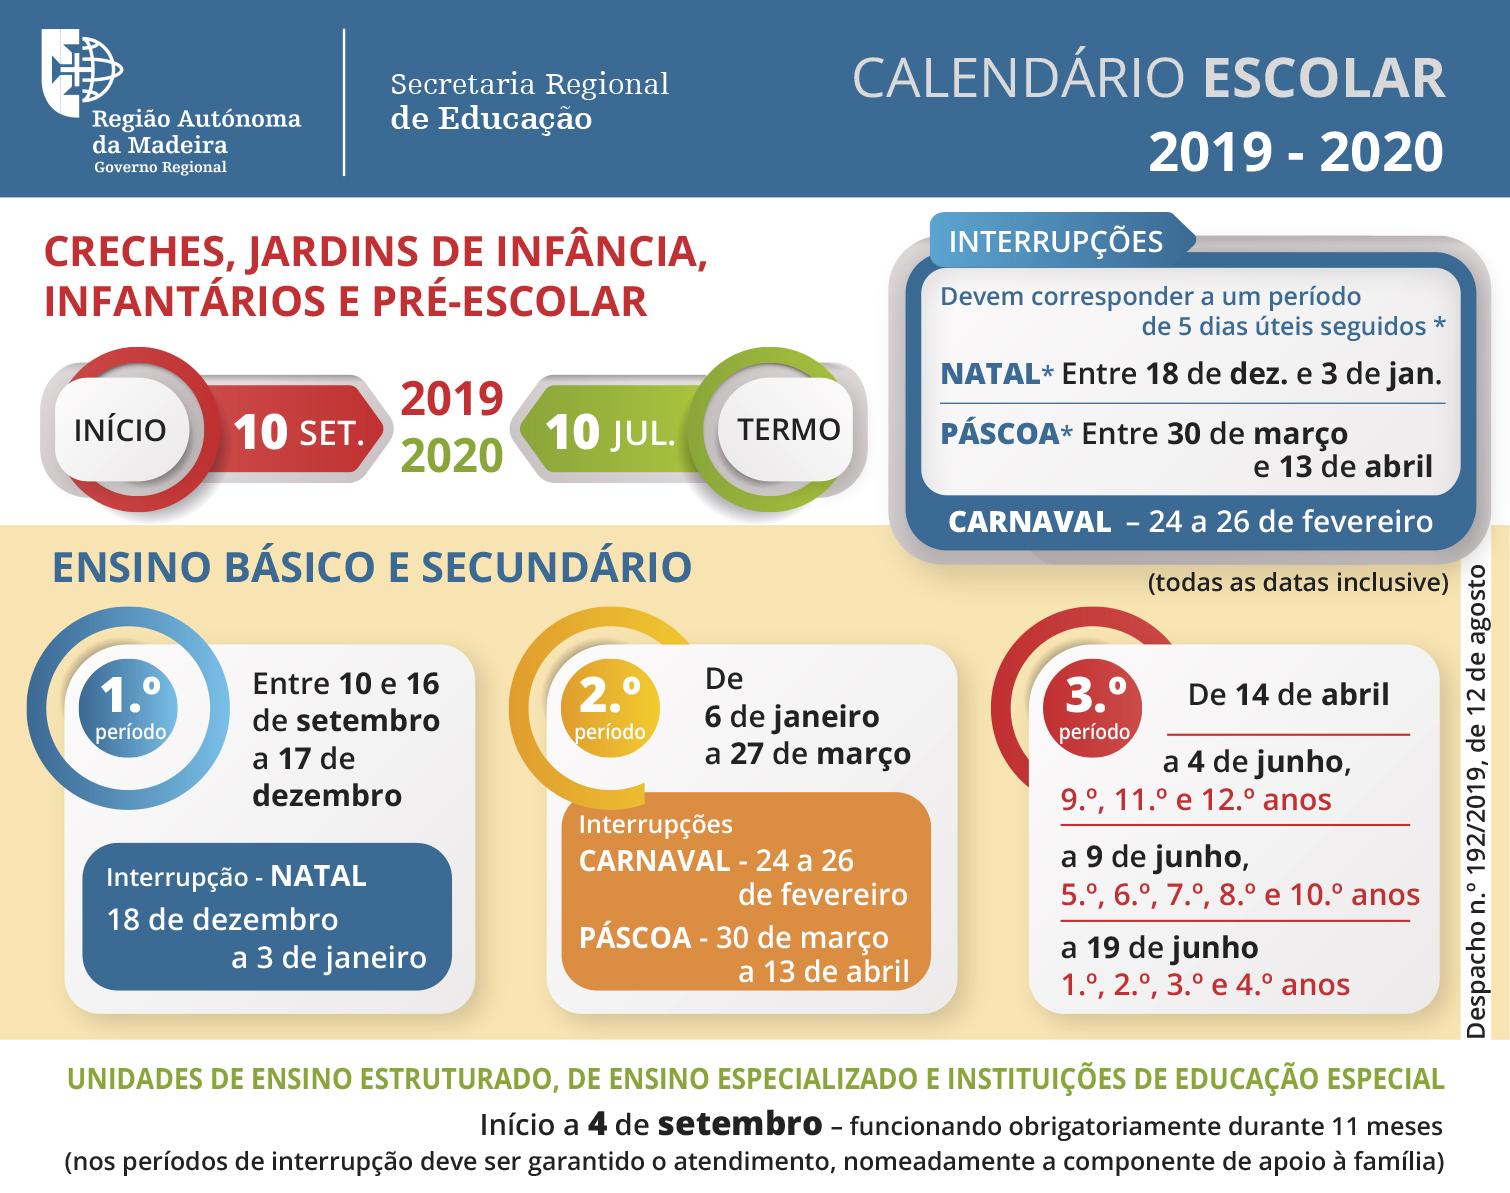 Calendário Escolar - Ano letivo 2019/2020